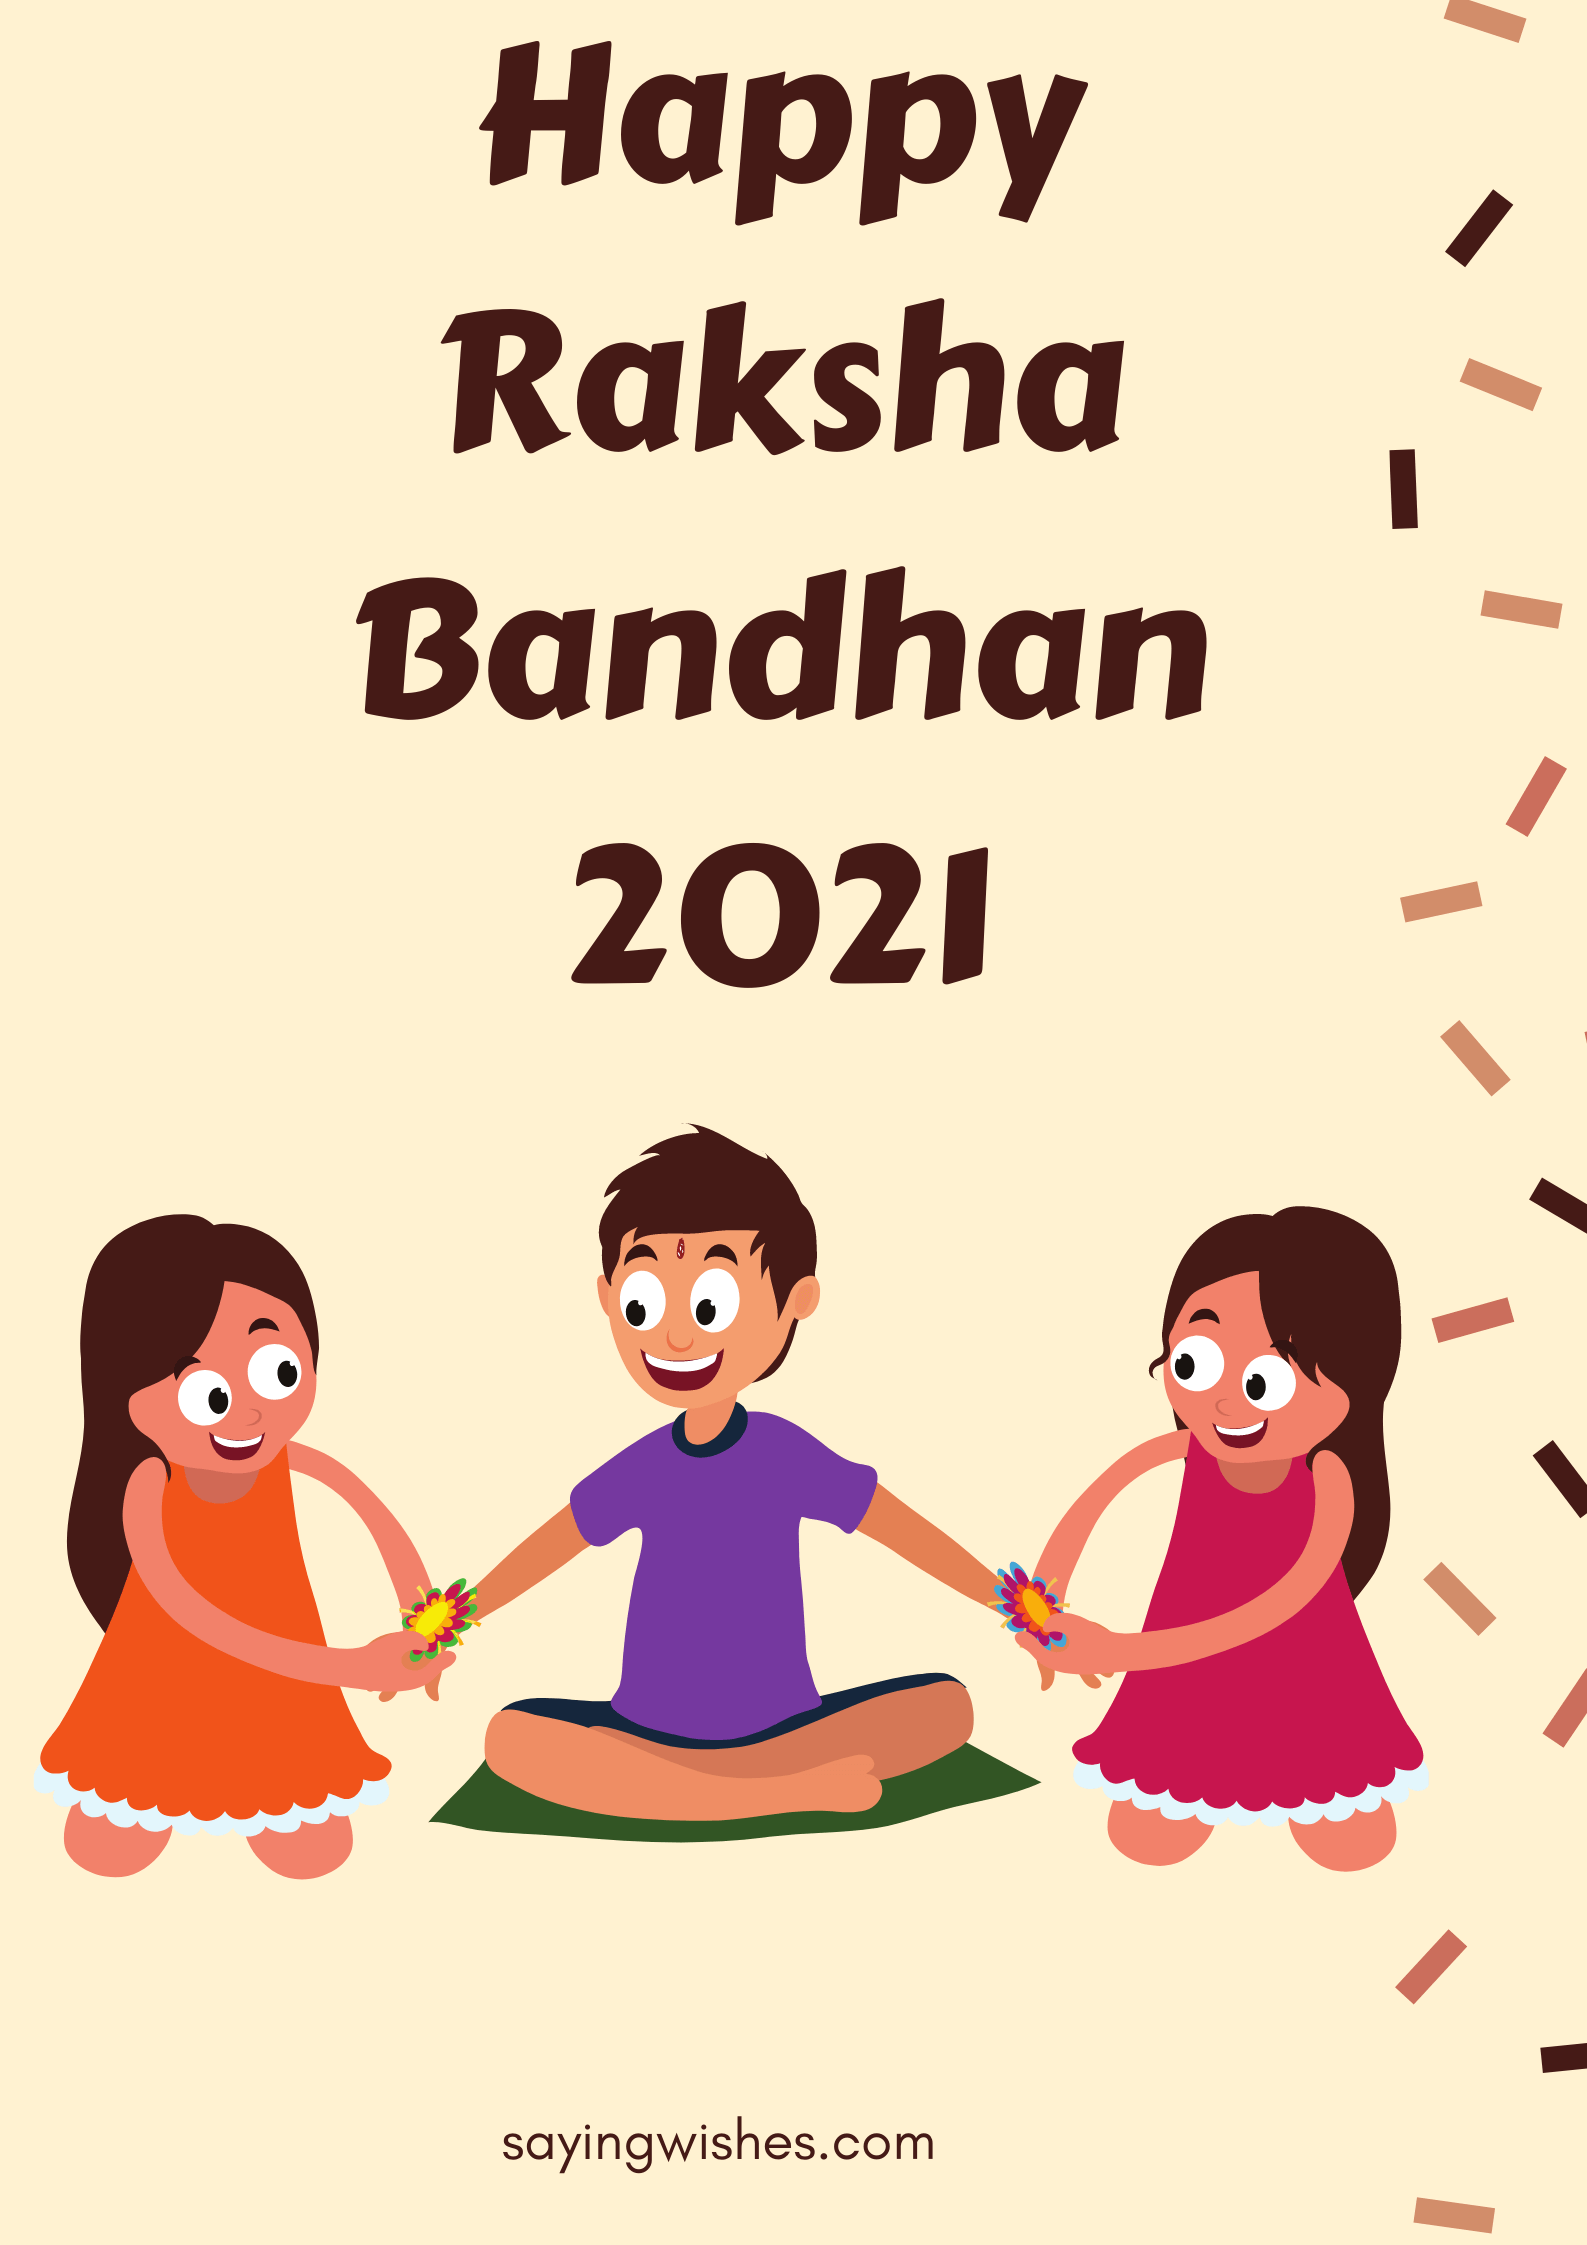 happy raksha bandhan 2021 wishes